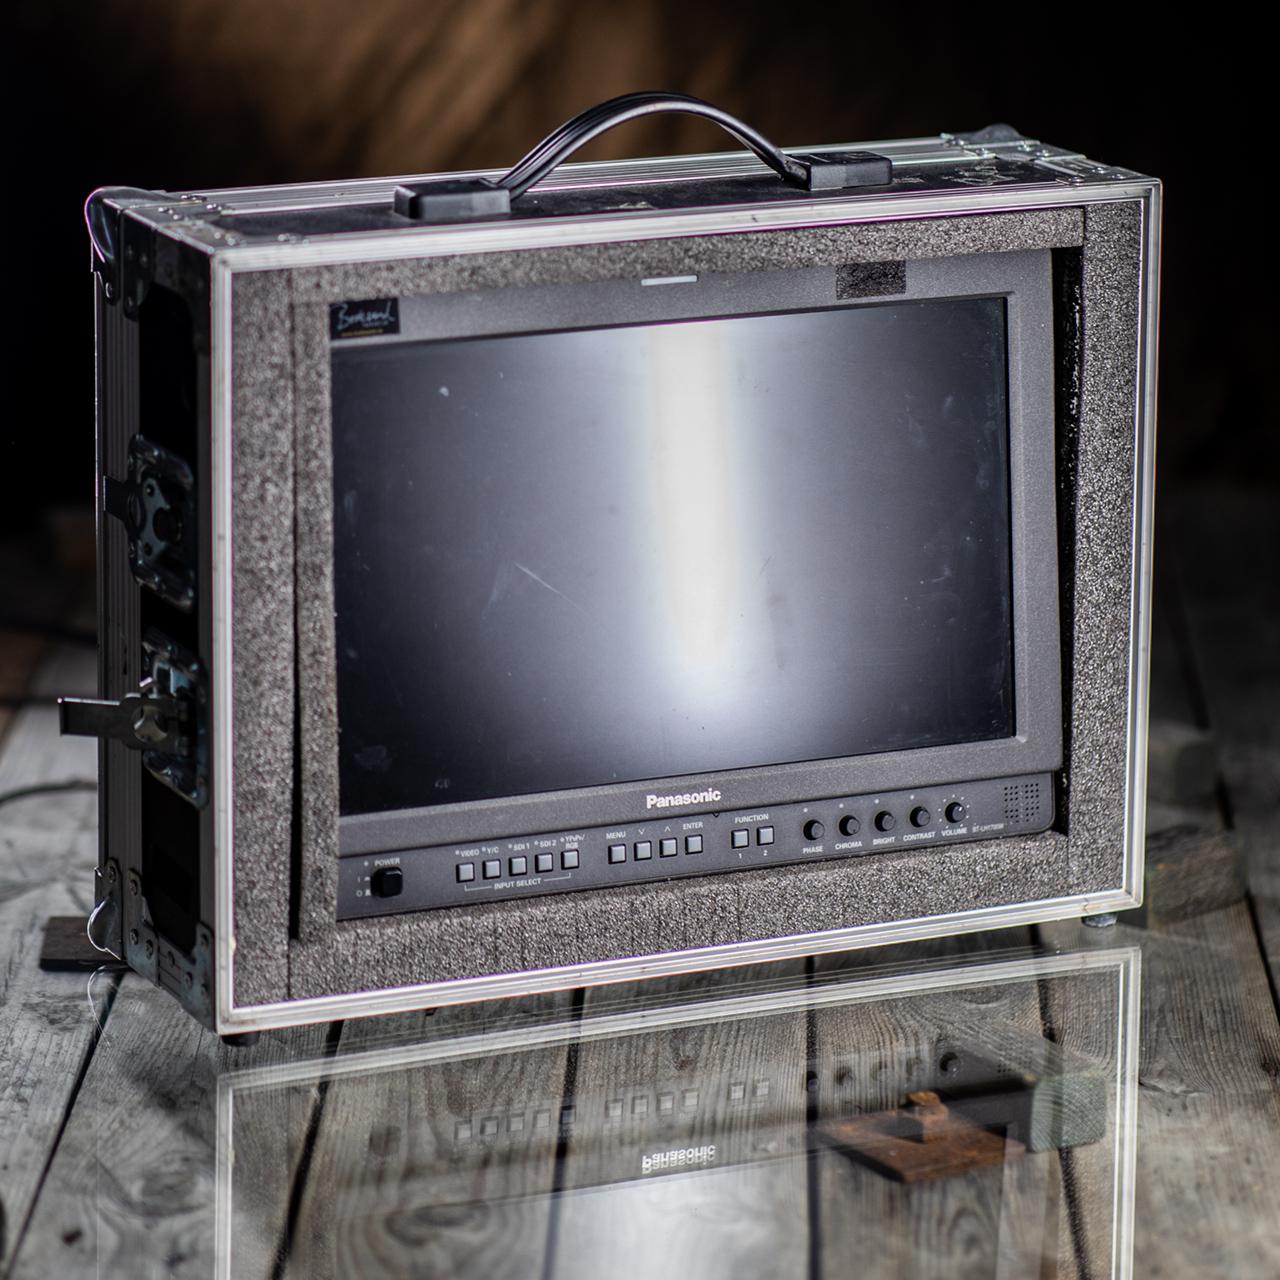 Filmavdelningen_Monitor_Panasonic_regi_SDI_Hyr_Sundsvall_START 1.2 kopiera